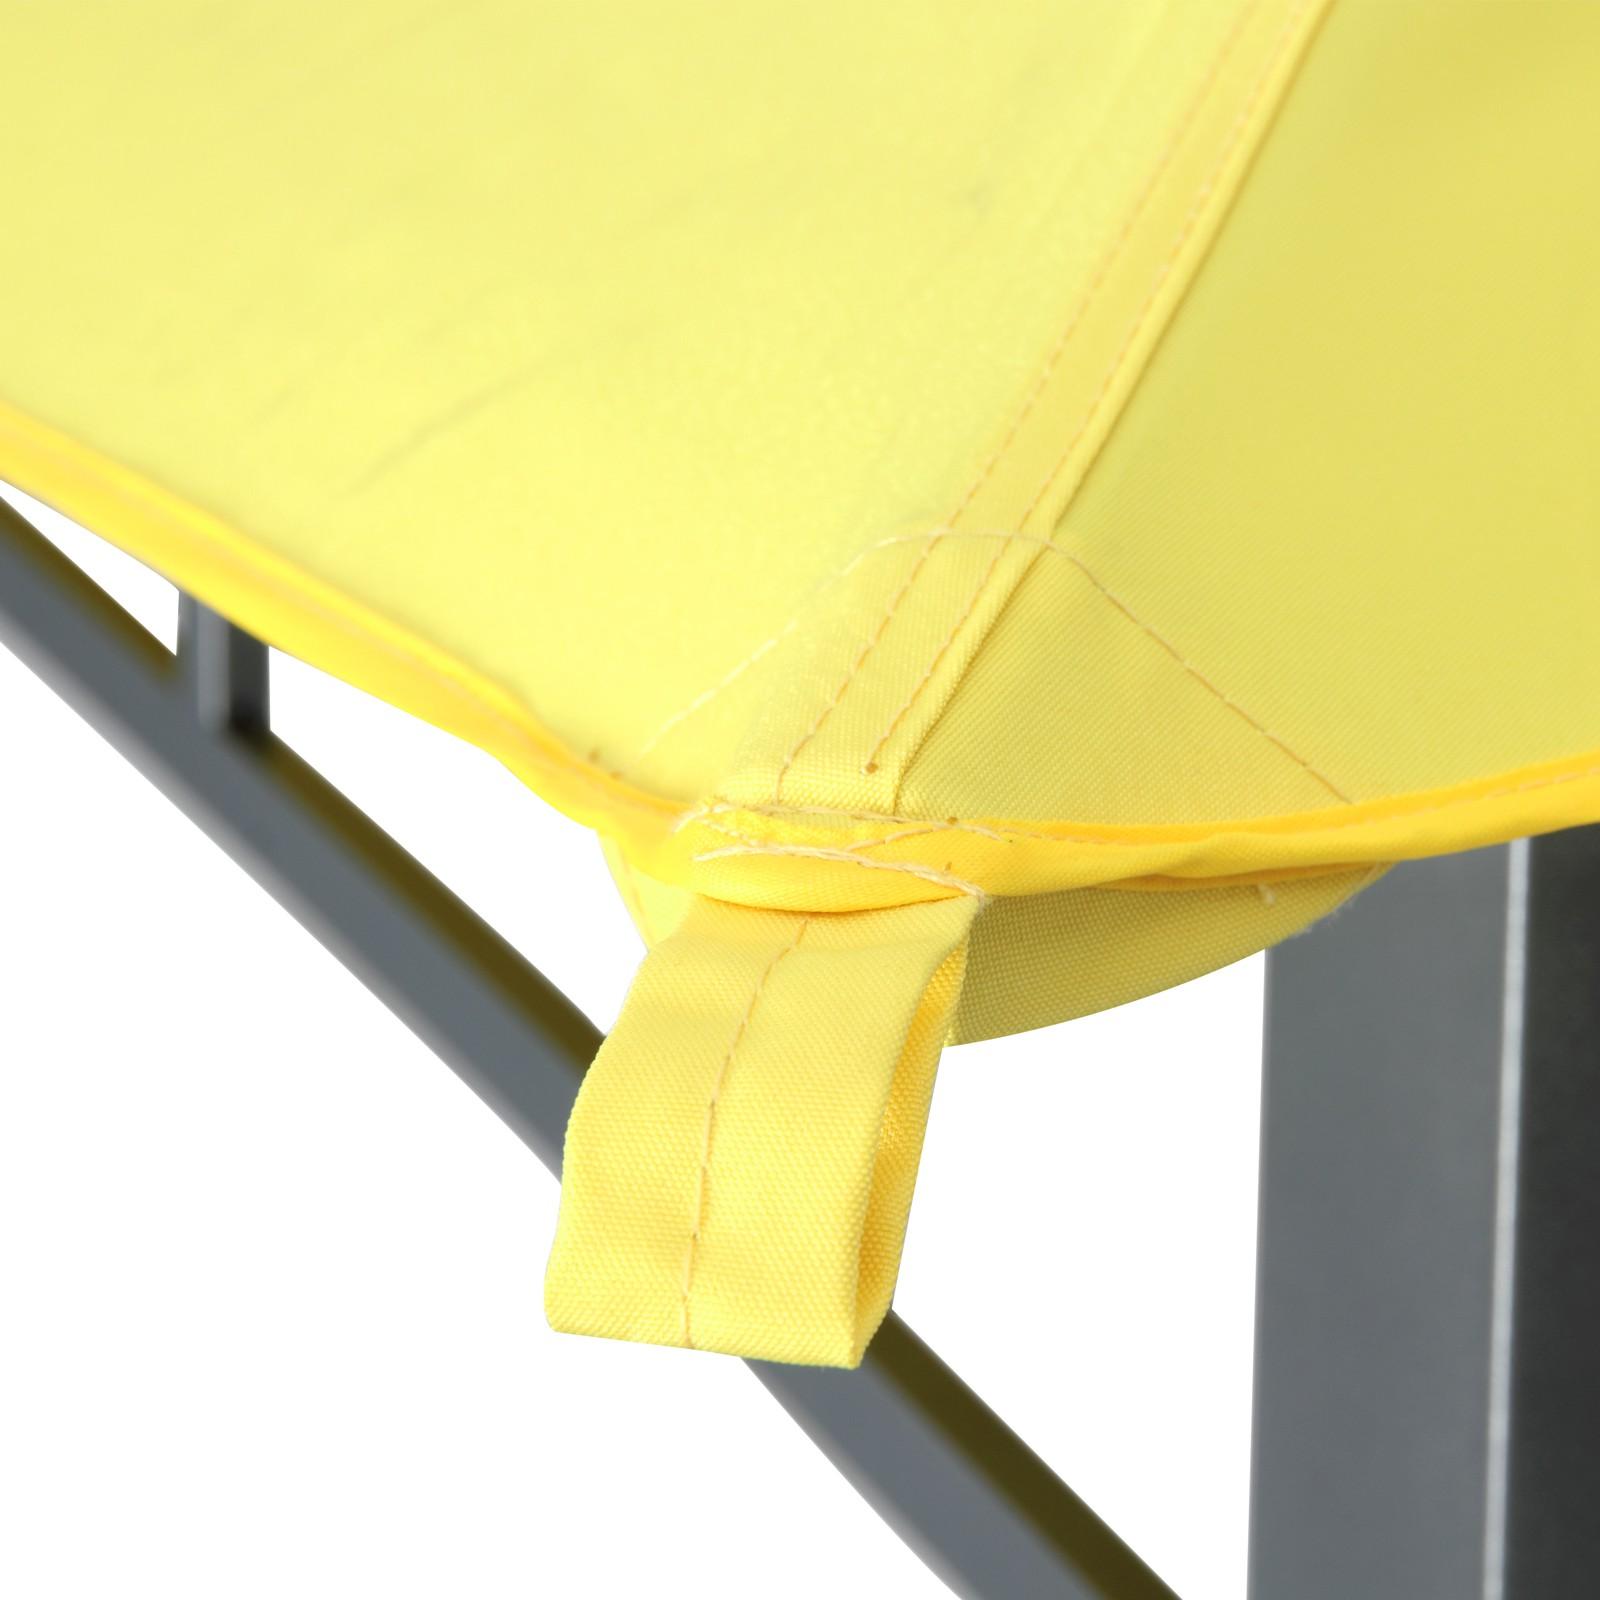 tepro garten pavillon 3x3 m gartenzelt wasserdicht camping partyzelt waya gelb 4011964055292 ebay. Black Bedroom Furniture Sets. Home Design Ideas